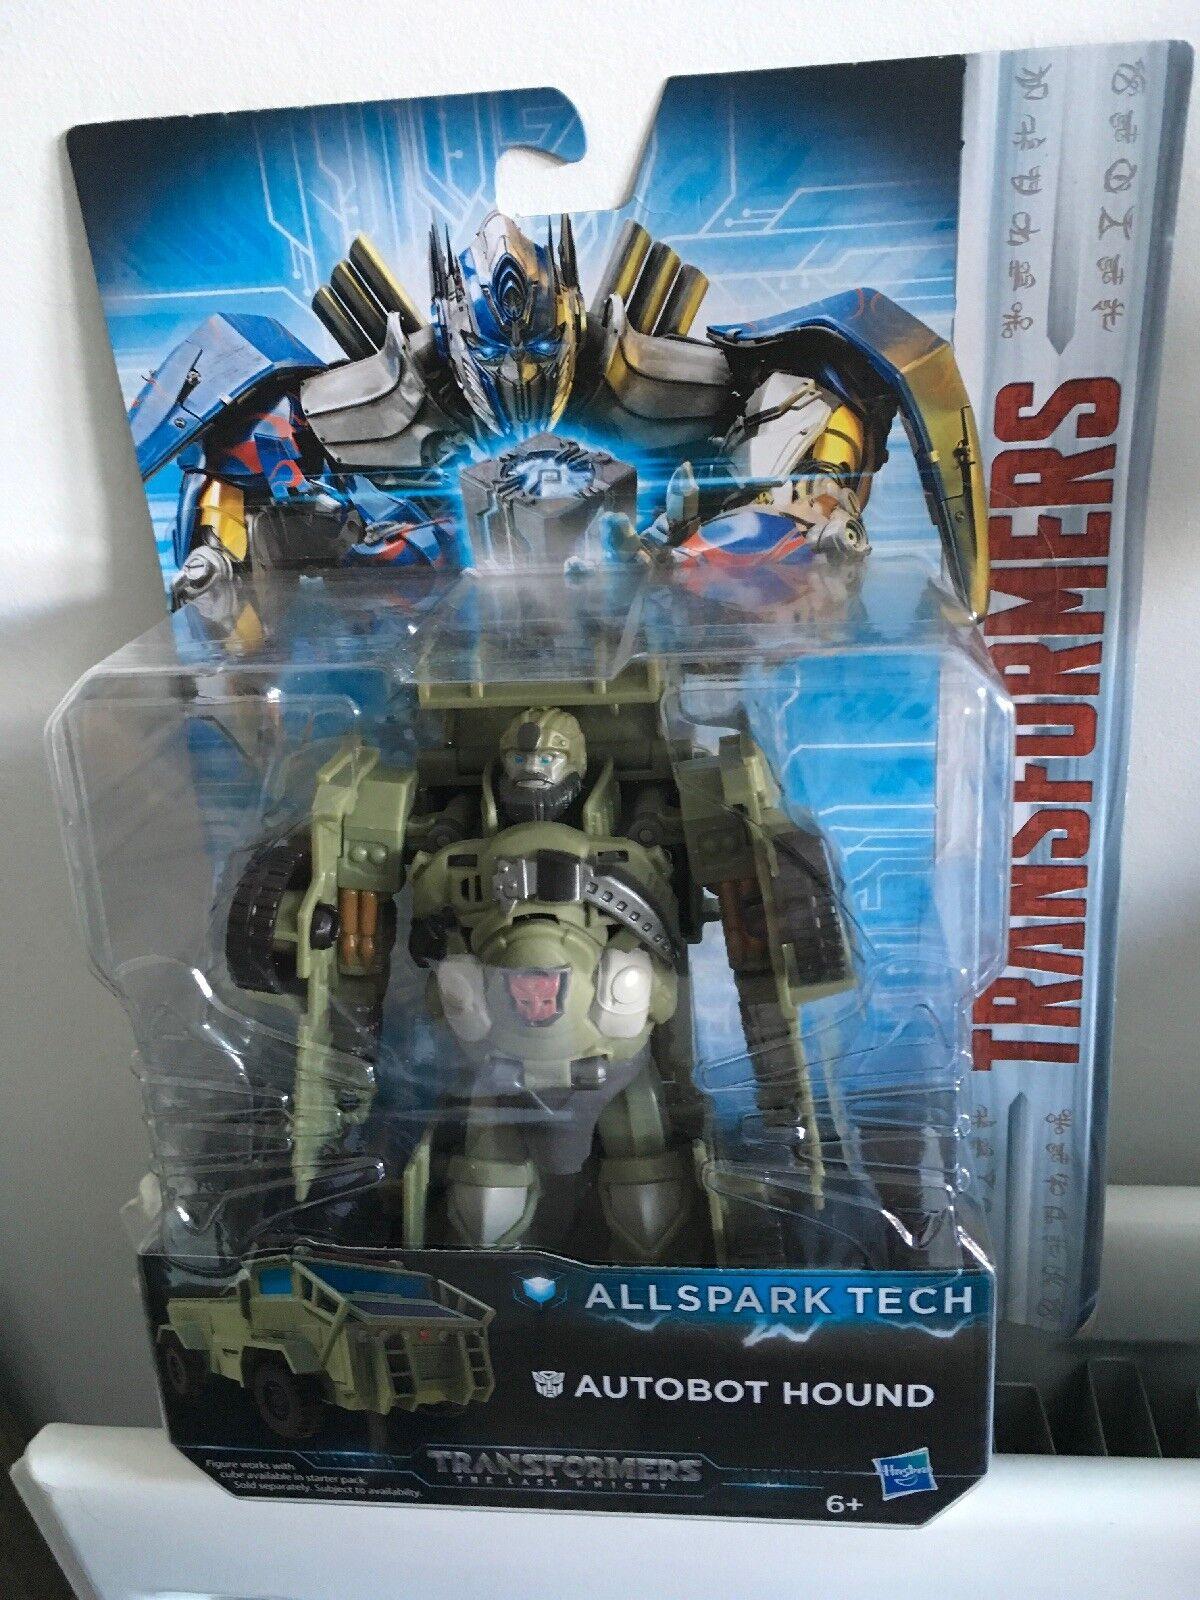 Die allspark tech autobot autobot tech - hund f7b805